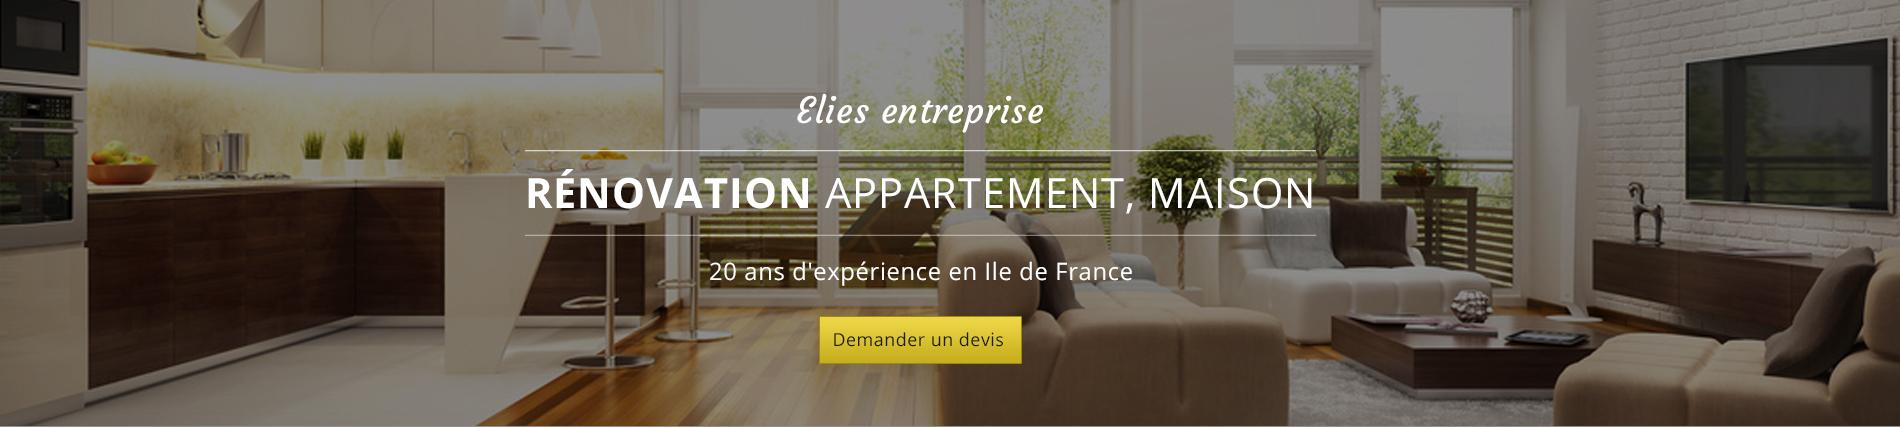 elies entreprise de r novation paris 16 gentilly le raincy 93 94. Black Bedroom Furniture Sets. Home Design Ideas